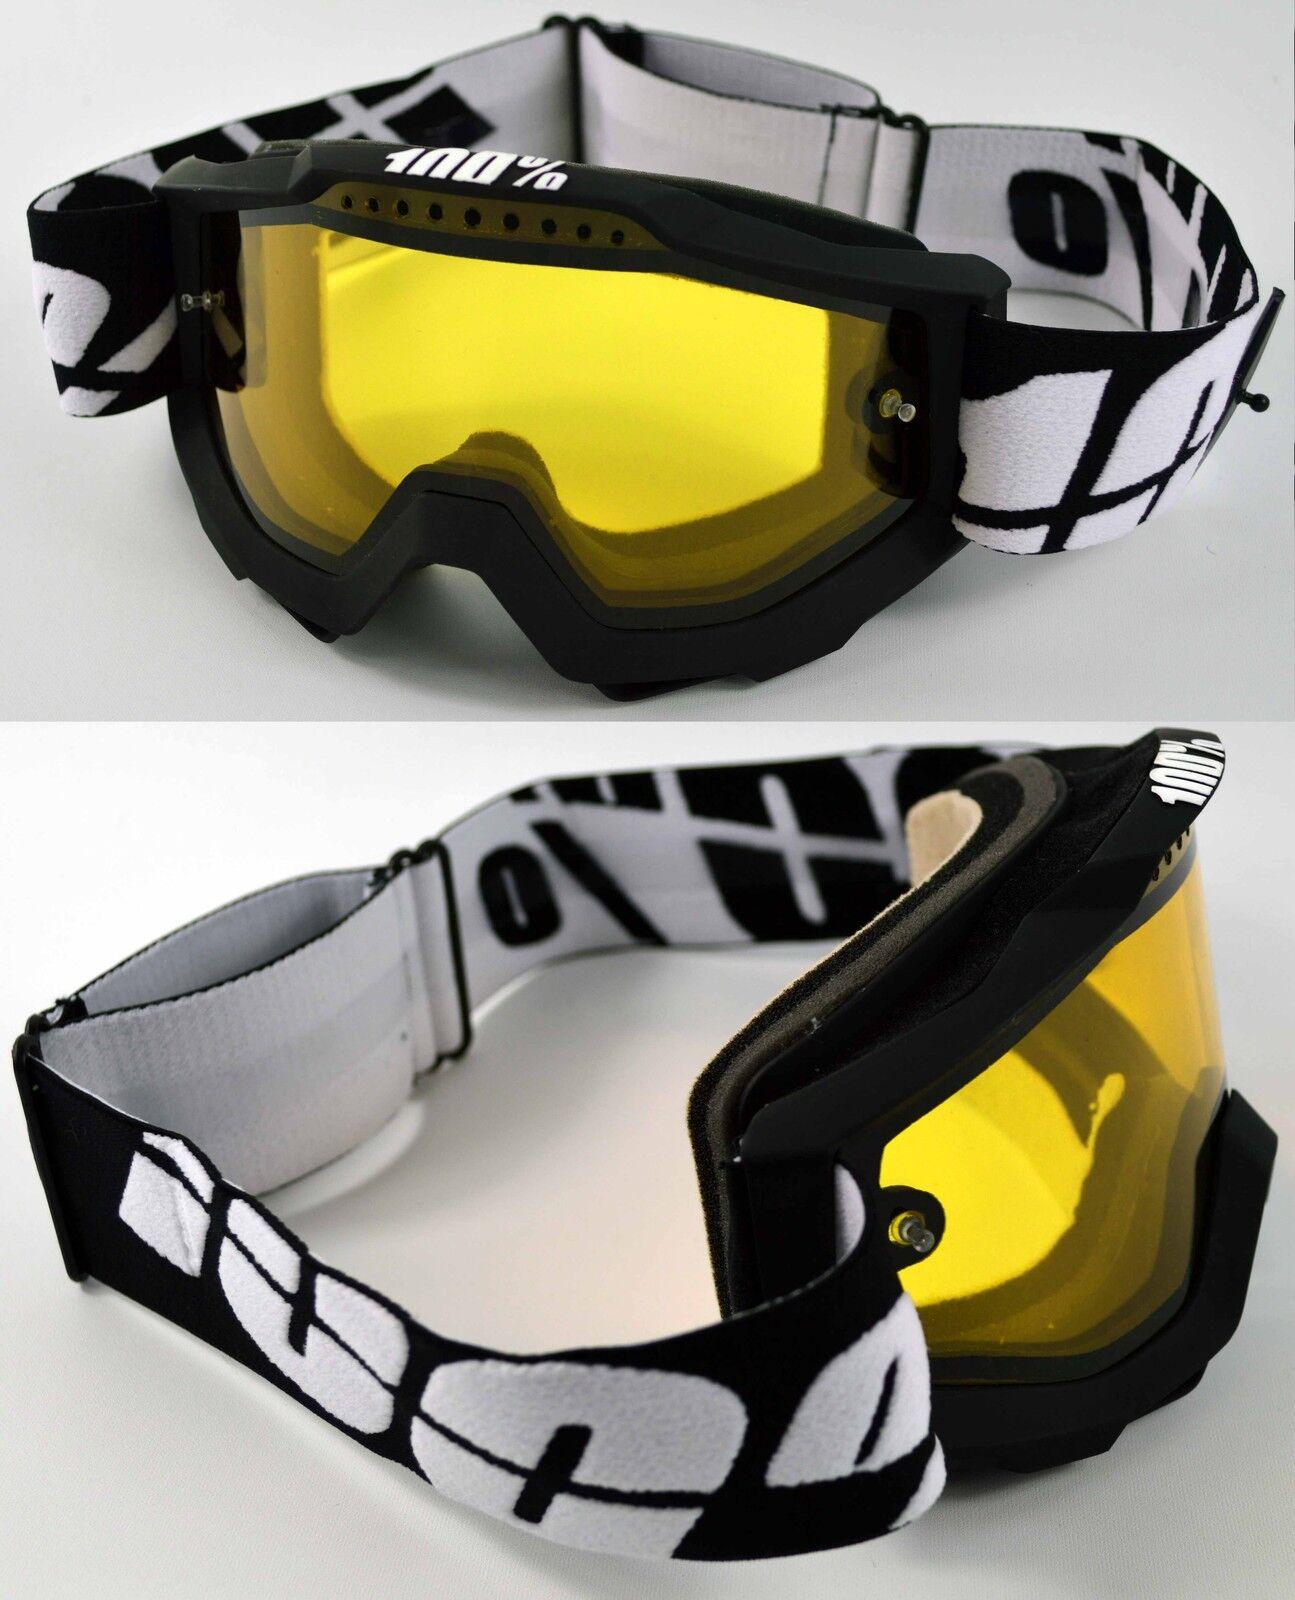 100% Percent Accuri Tabla Nieve Mascara Esqui Negro Doble Ventilación Amarillo